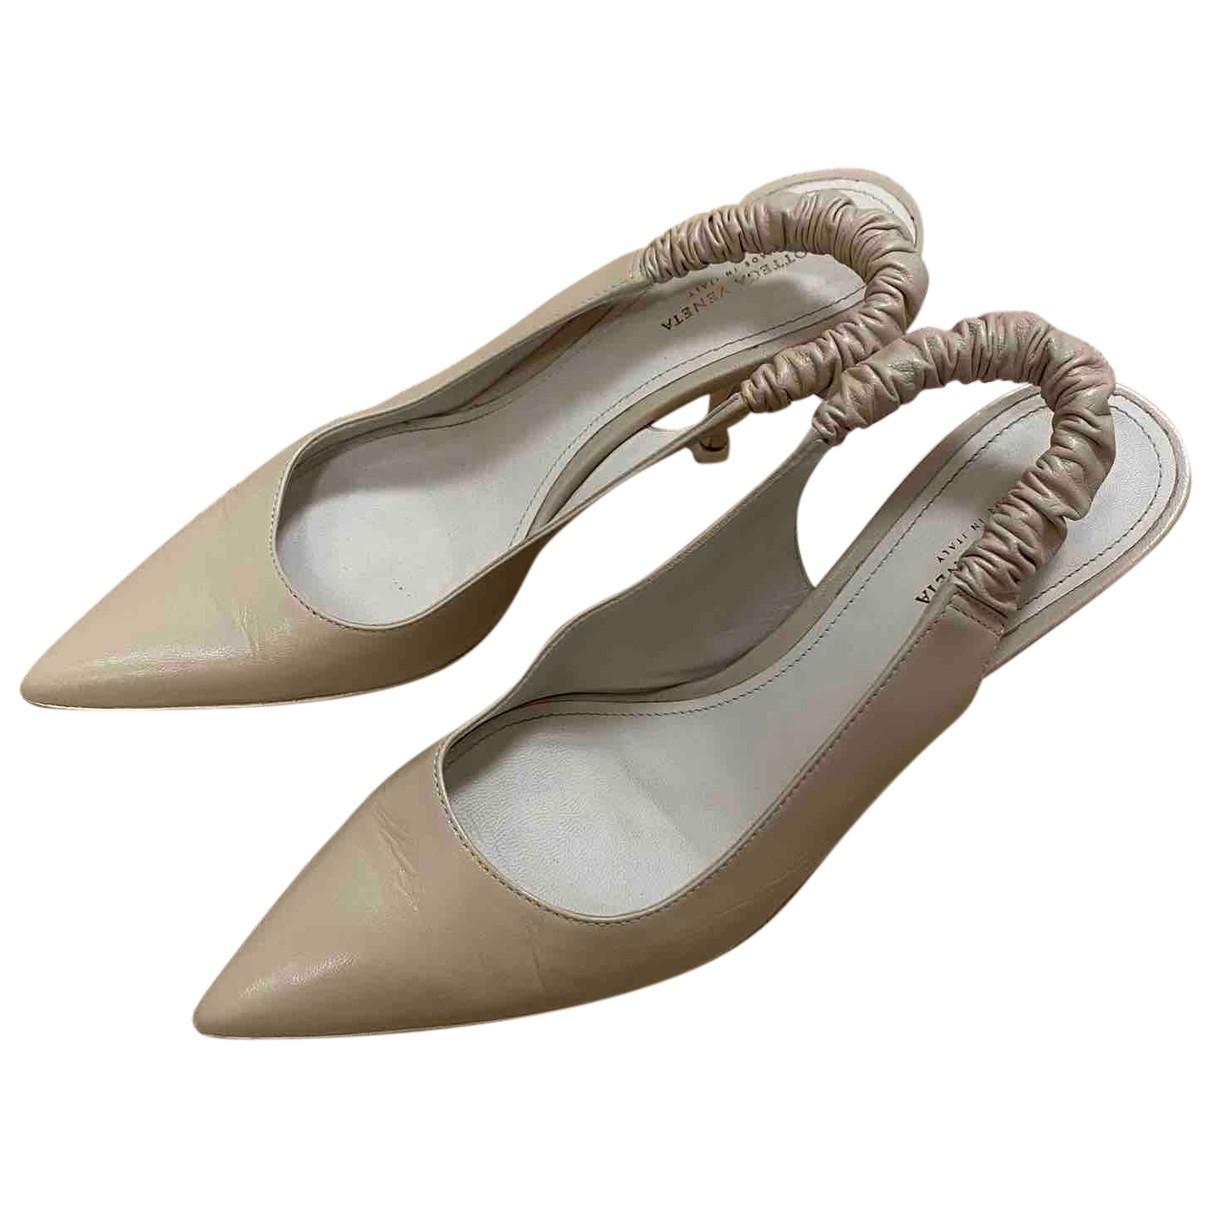 Bottega Veneta N Beige Leather Heels for Women 37.5 EU